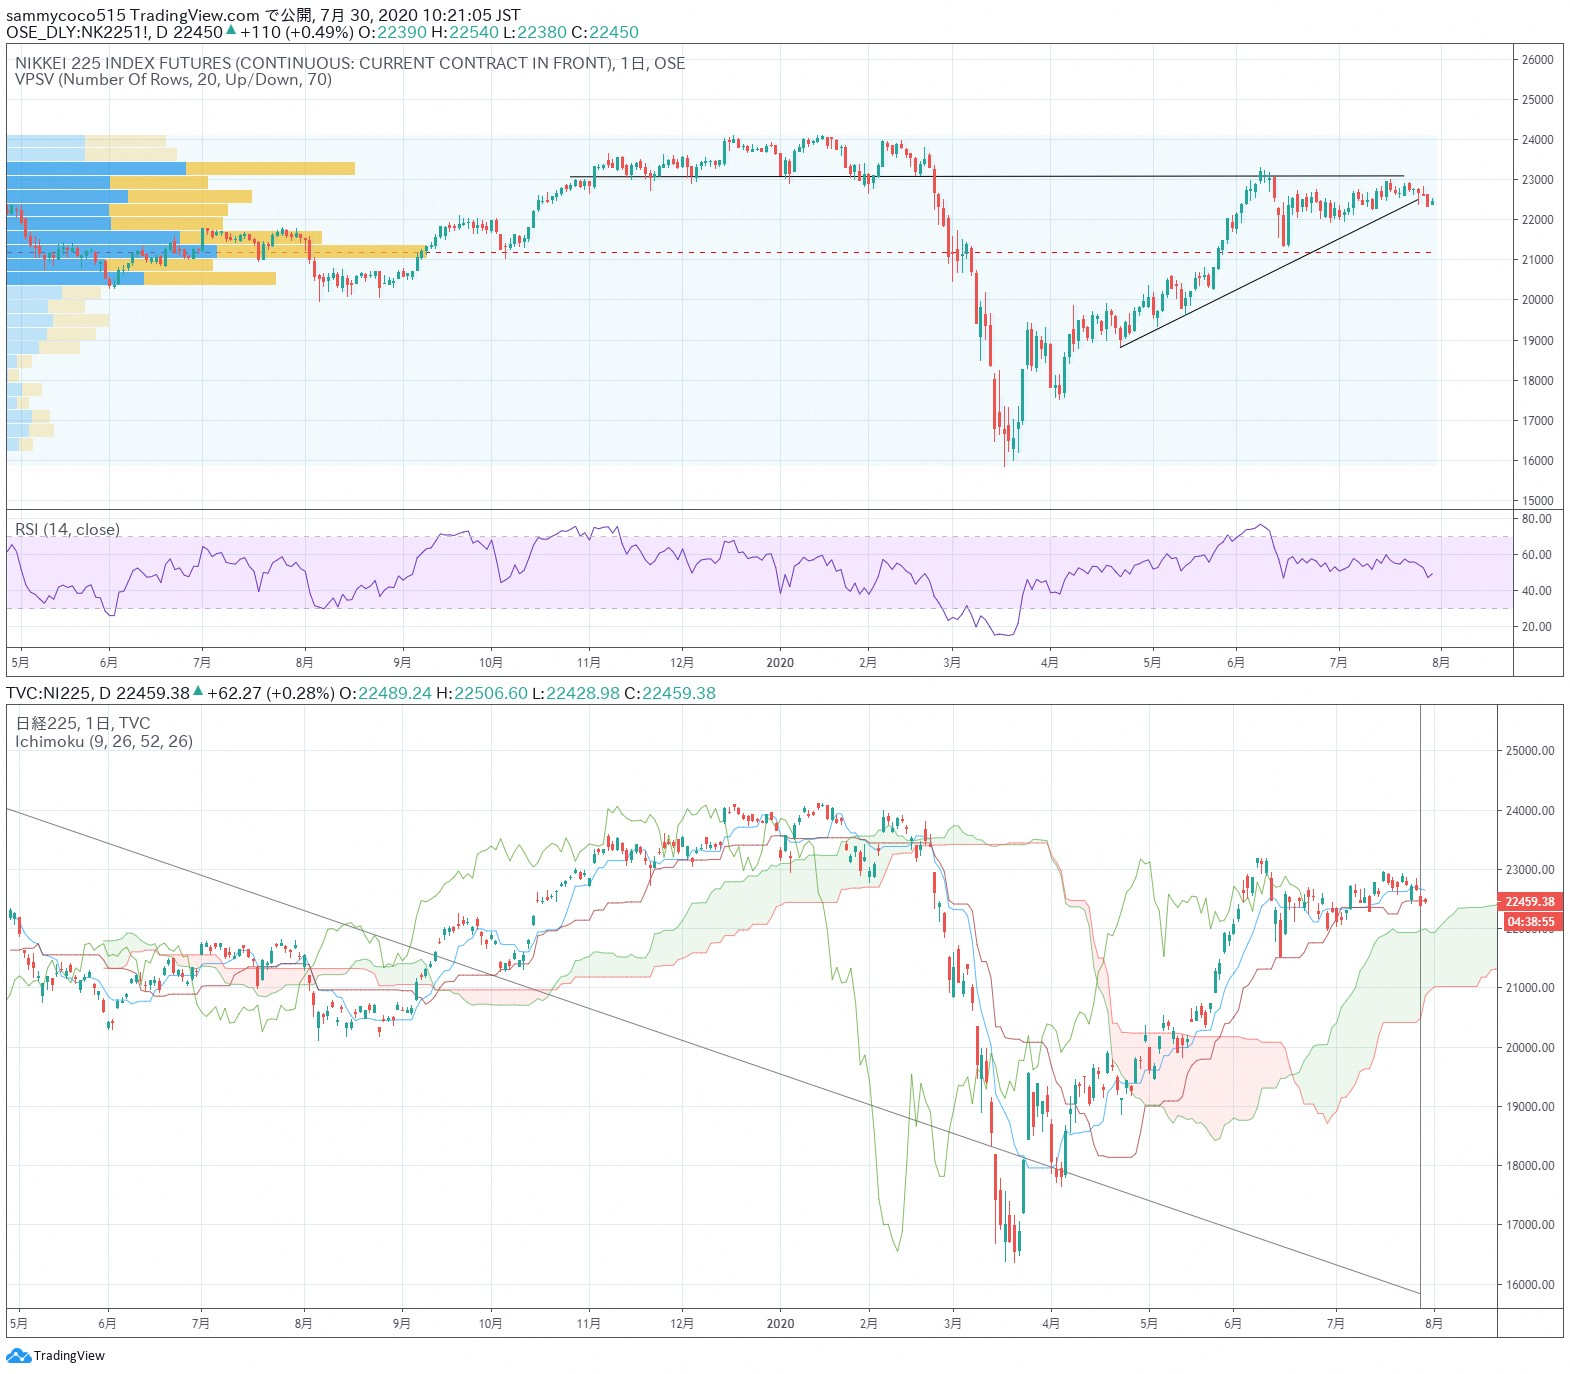 东京外汇股市日评:日经指数小幅下跌,美元兑日元汇率继续走低